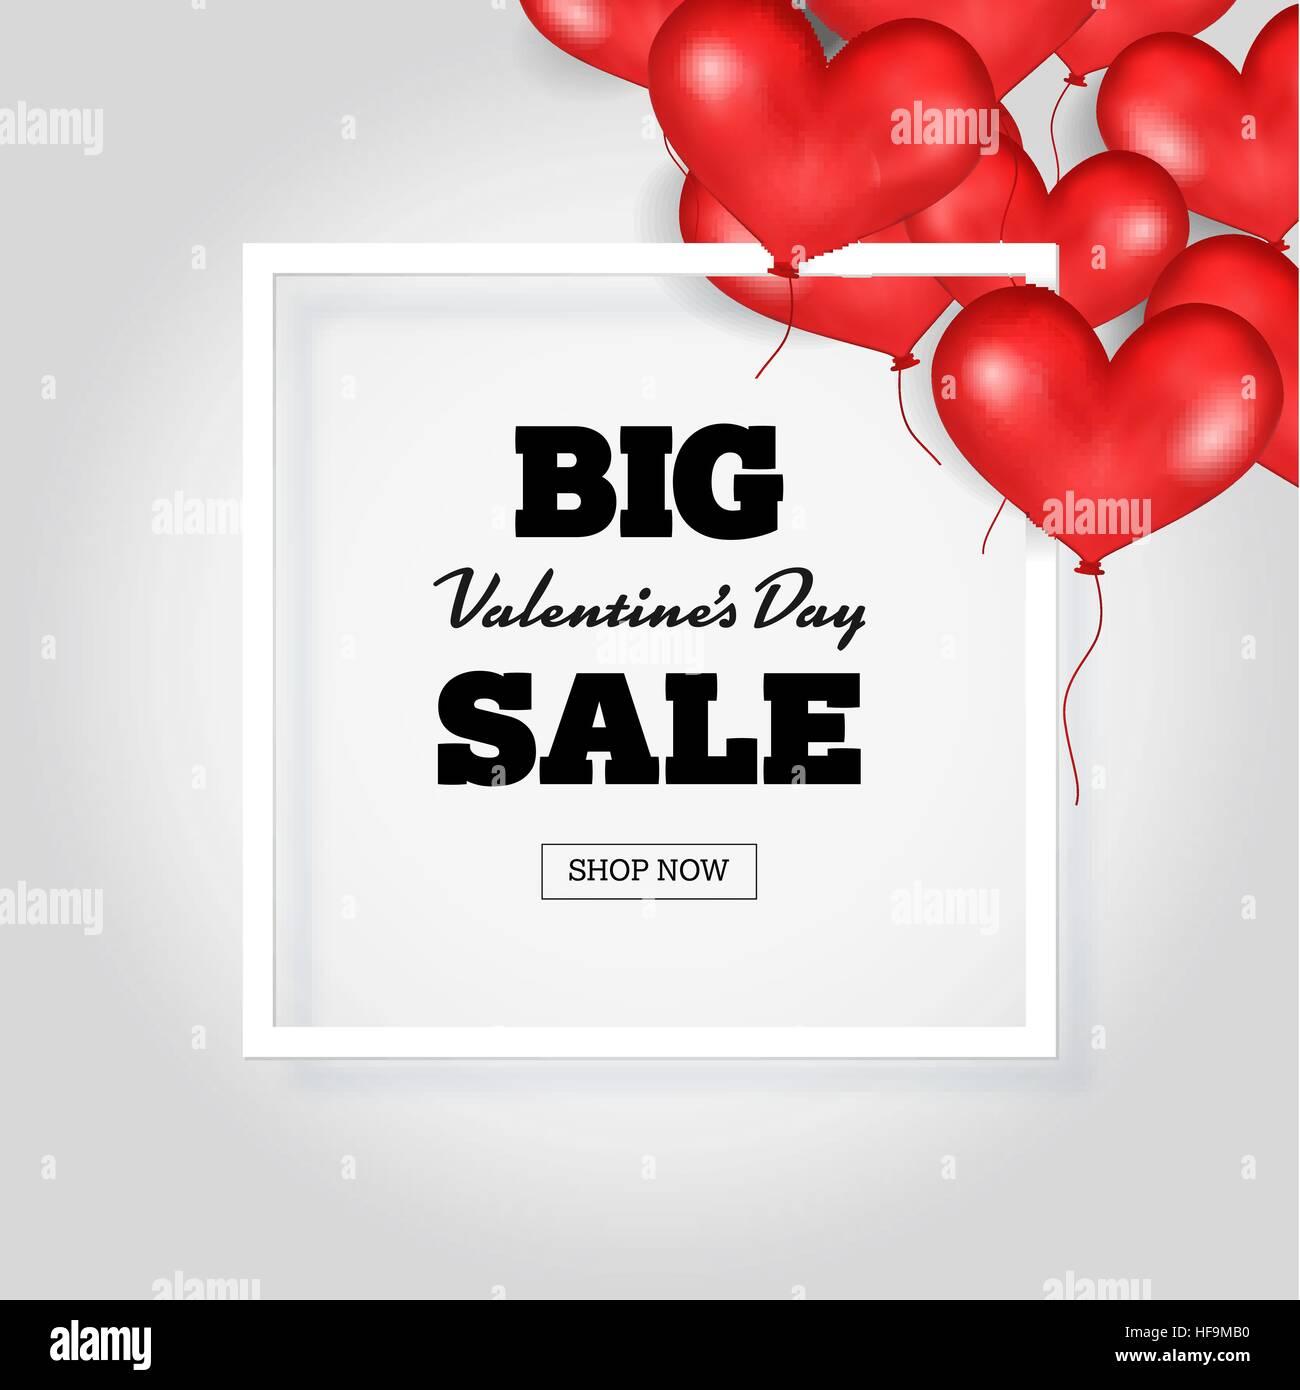 Großen Valentine s Day Sale Banner Vorlage. Weißer Rahmen. Platz für ...